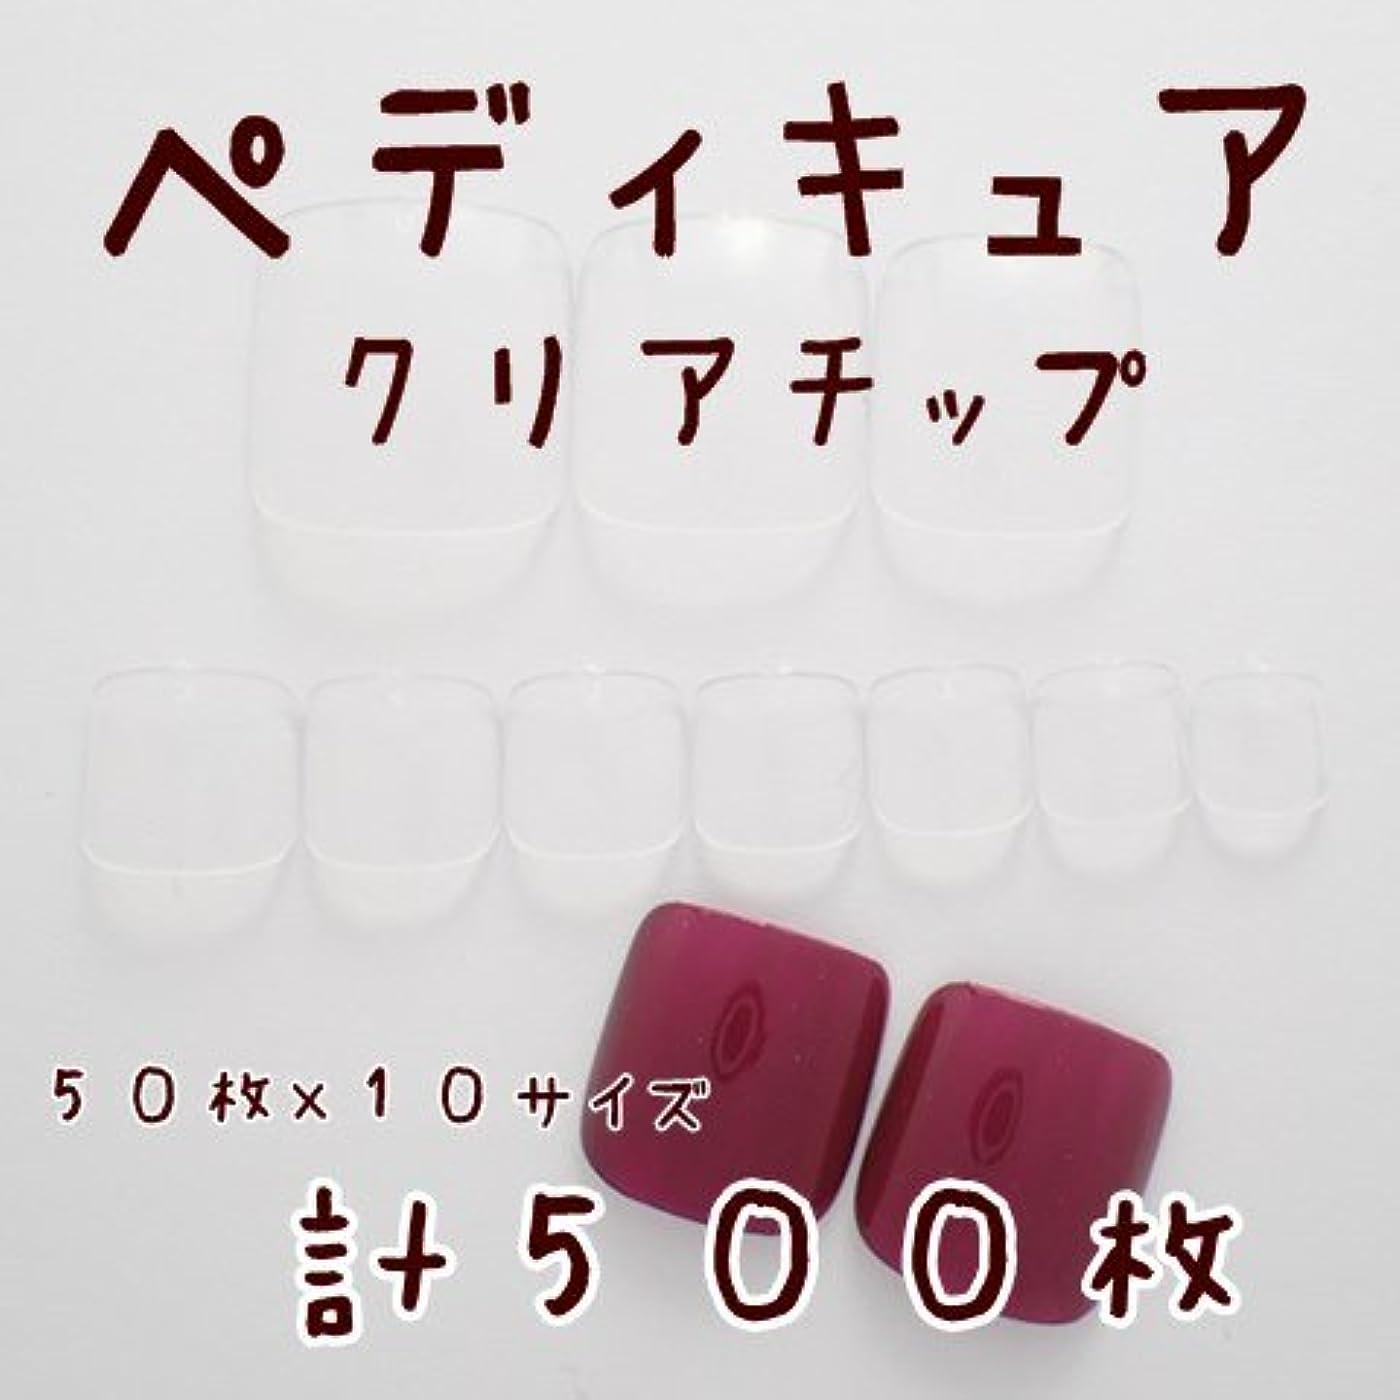 エレベーター成功交じるDINAネイル クリアネイルチップ【ペディキュア】50枚×10サイズ計500枚 ネイルチップ